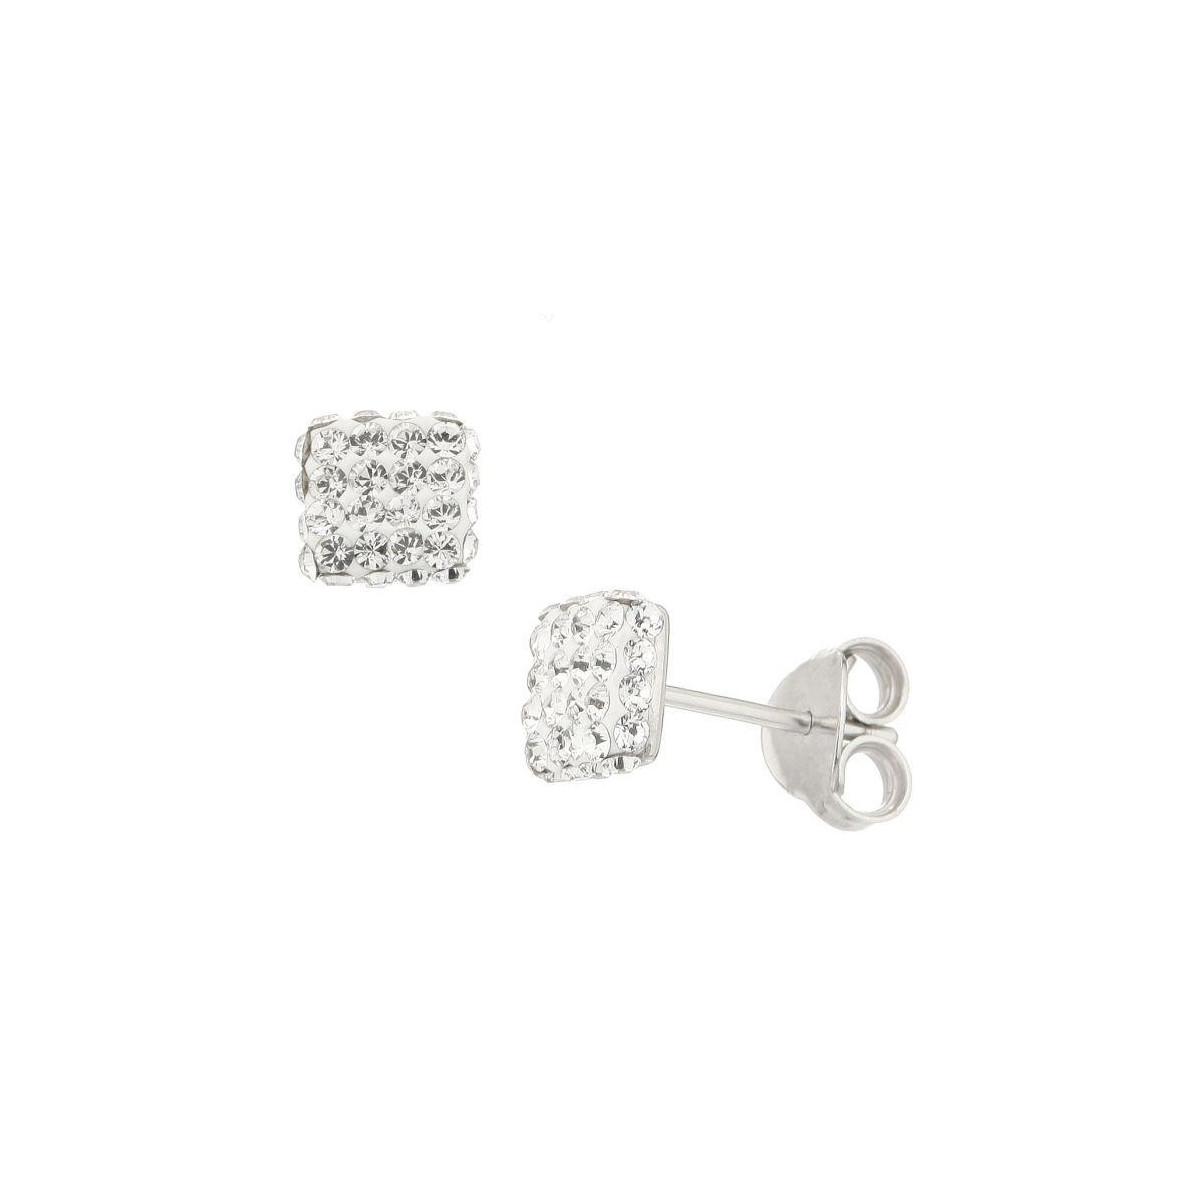 Boucles d'oreilles Puces Carrées Métal Argenté Ornée de Cristaux Swarovski Elements Blanc